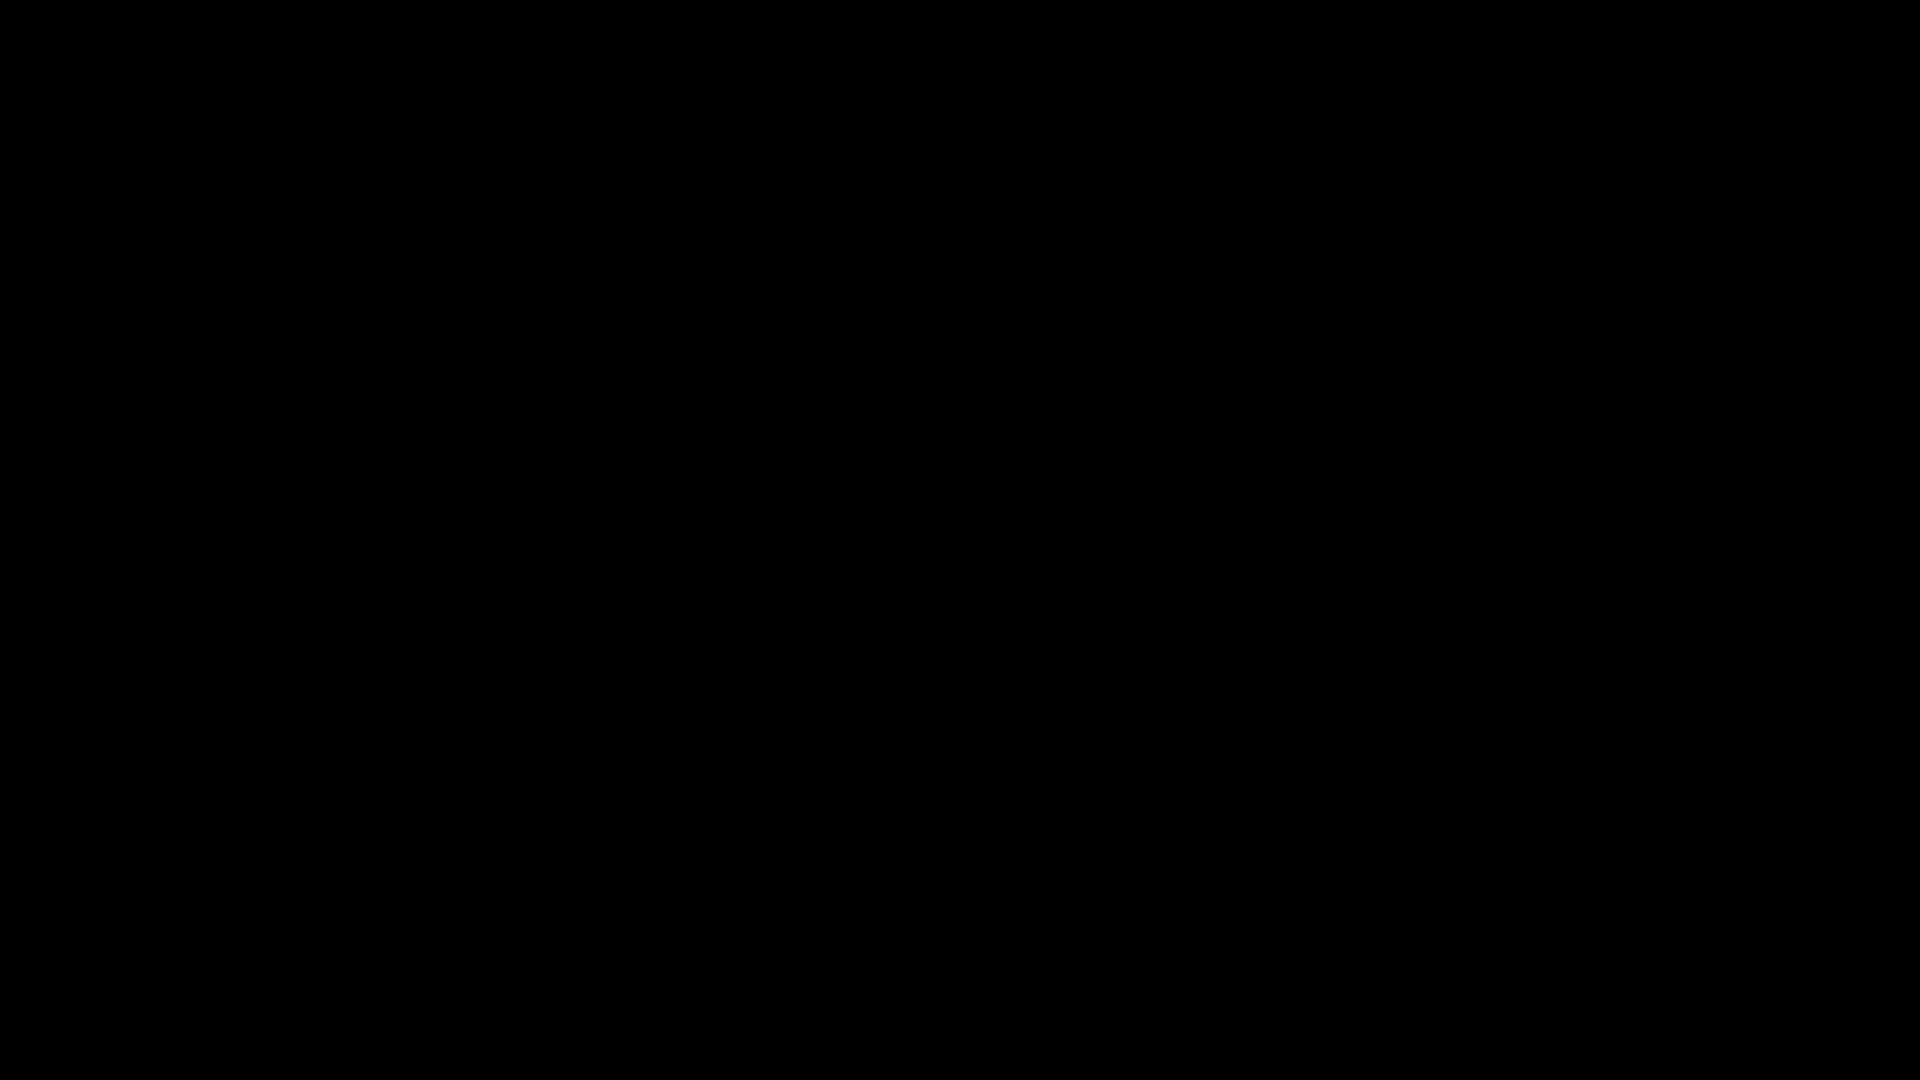 Полный спектр 480W 600W 960W СИД растет свет бар LM301B 301H смешивания 660nm ИК прокладки СИД освещение для выращивания гидропоники